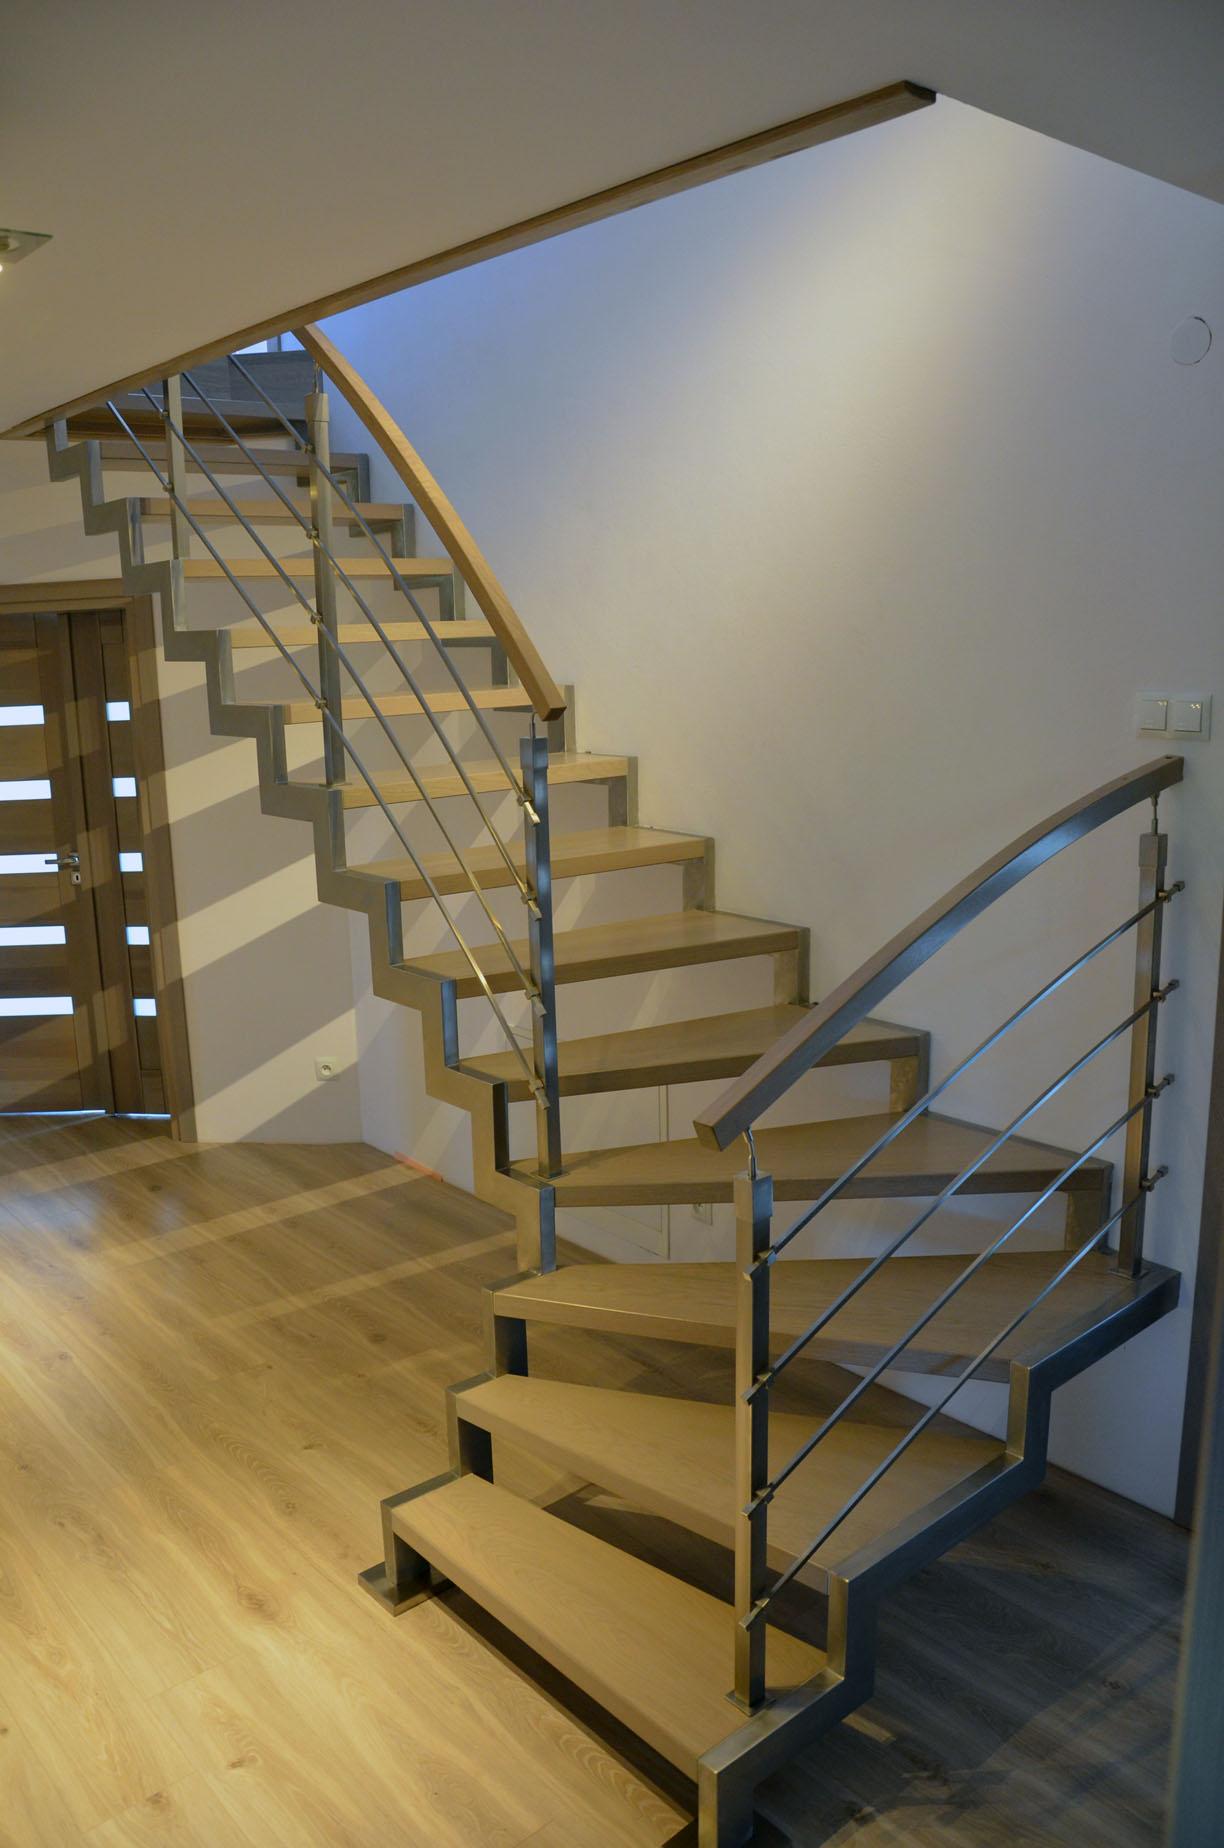 schody-na-konstrukcji-metalowej-3